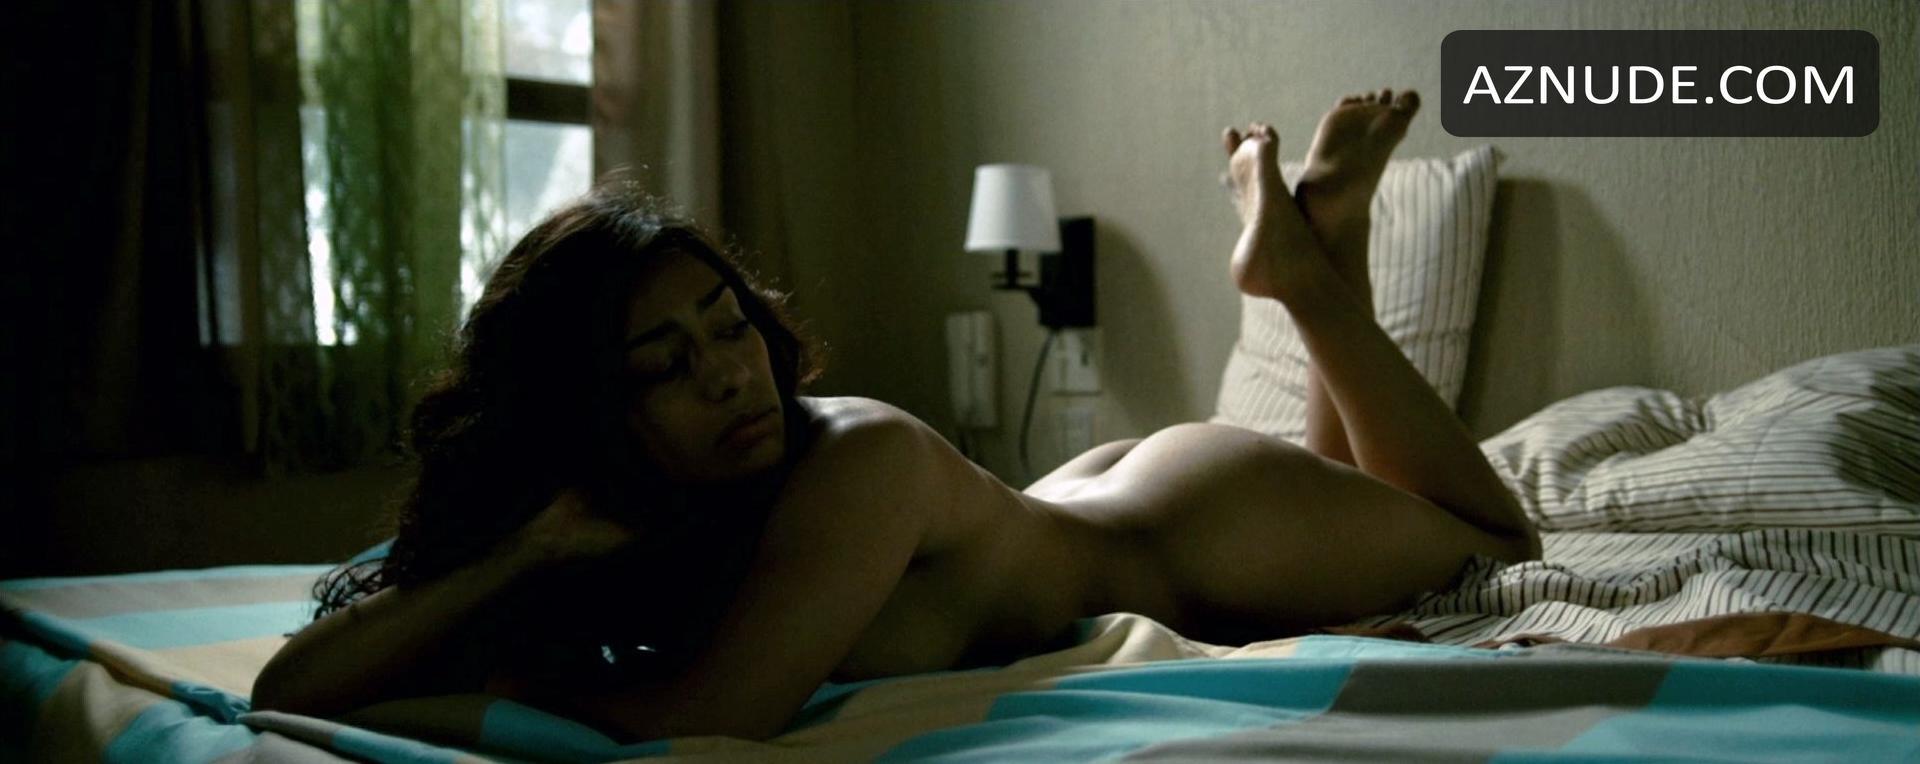 Adriana Paz Nude Aznude